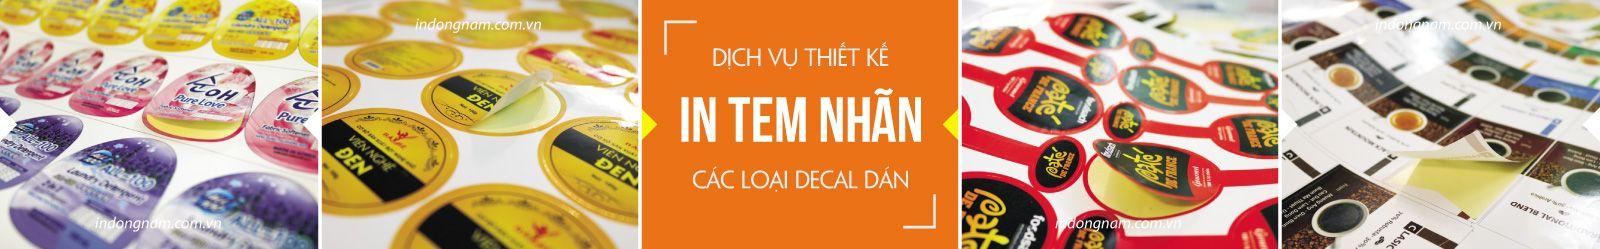 in tem nhãn mác decal giá rẻ tại Hà Nội